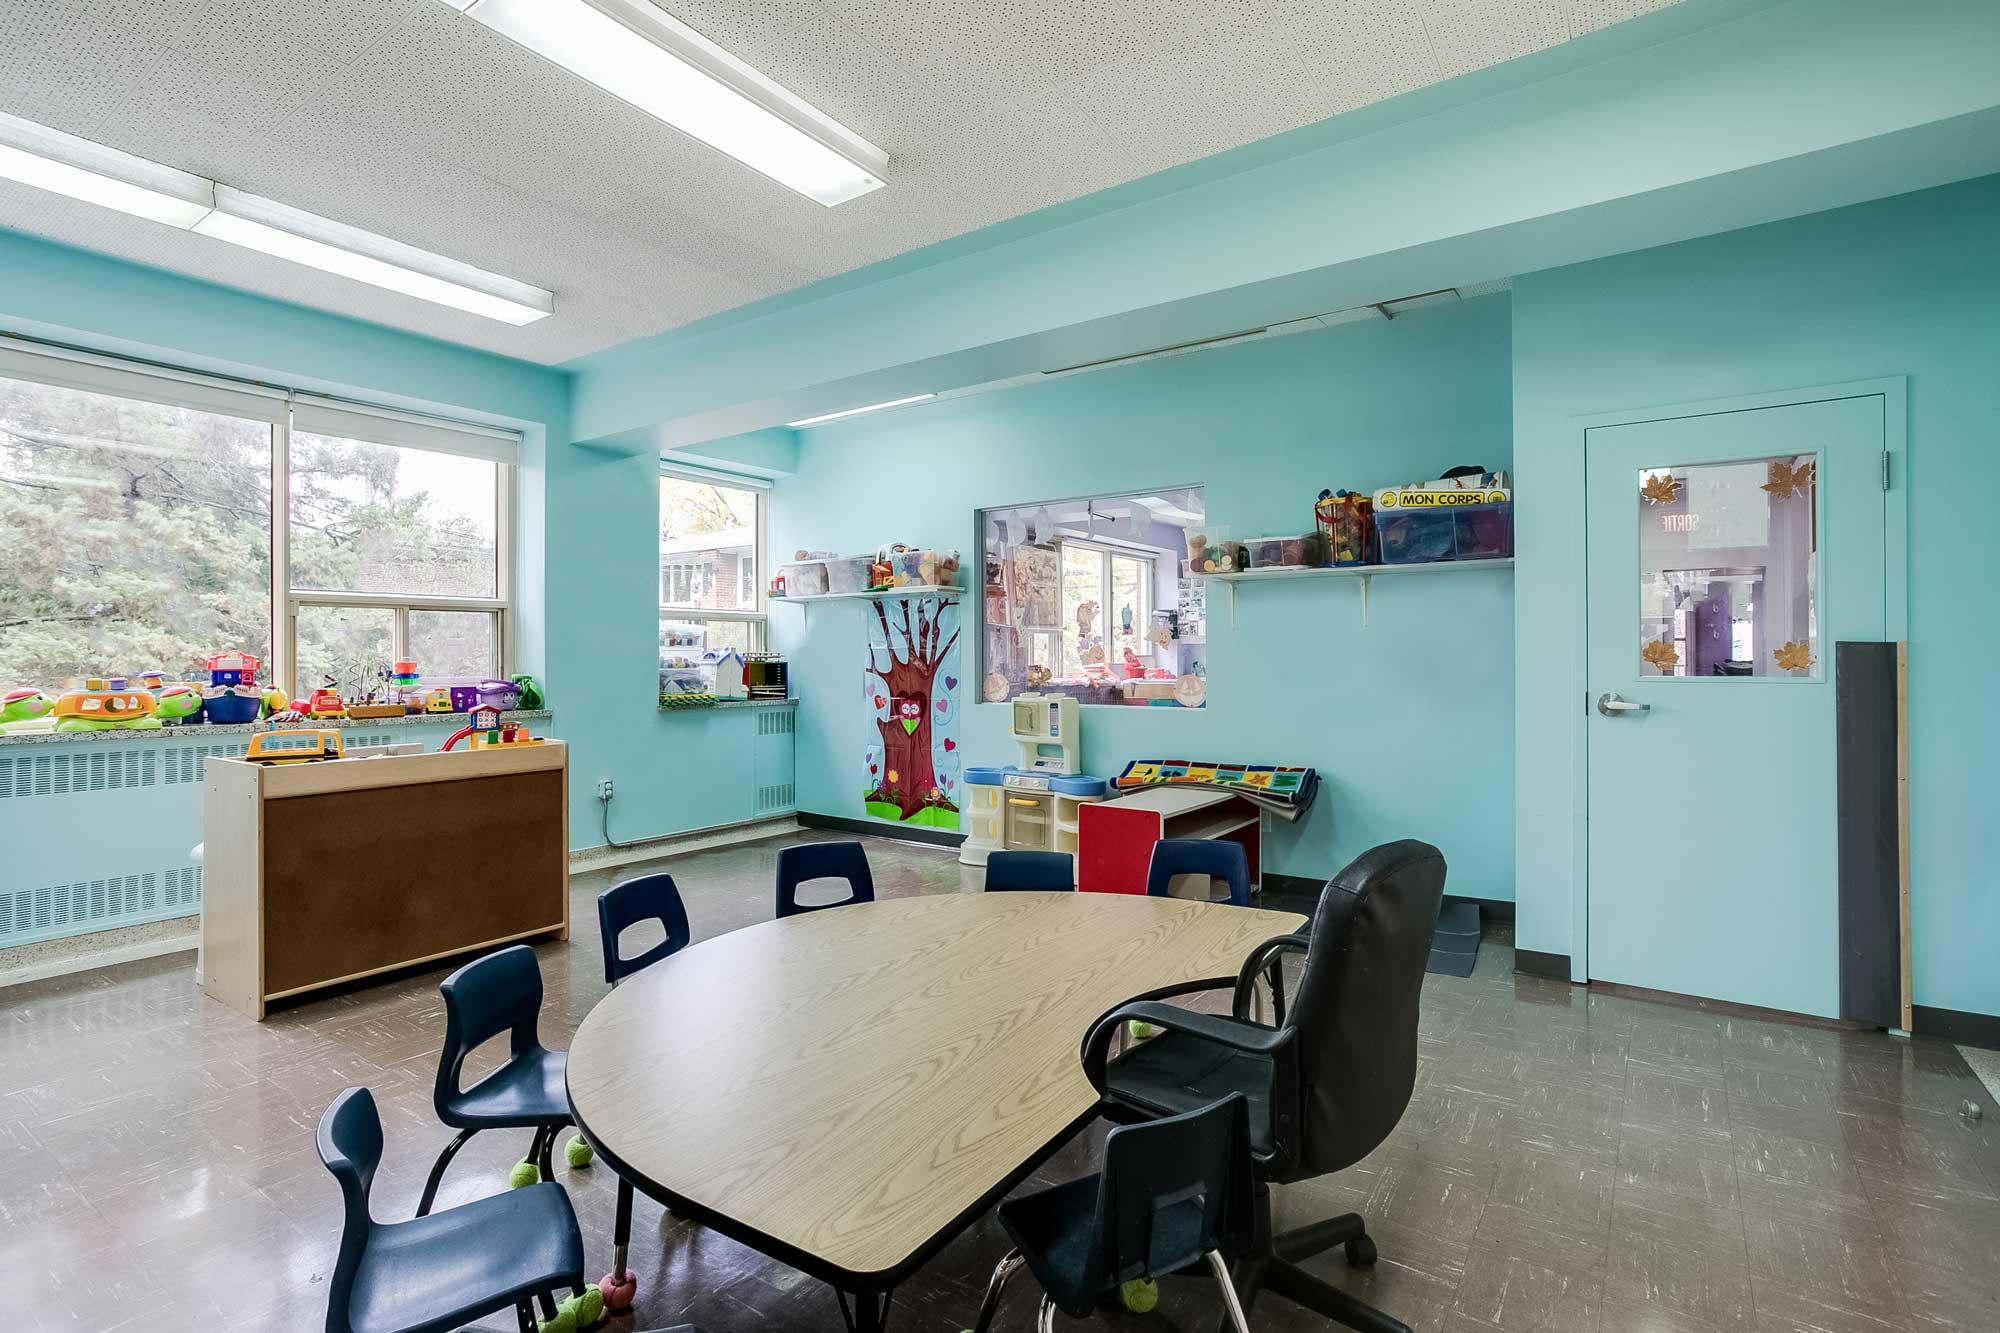 aménagement de garderie aux murs turquoises